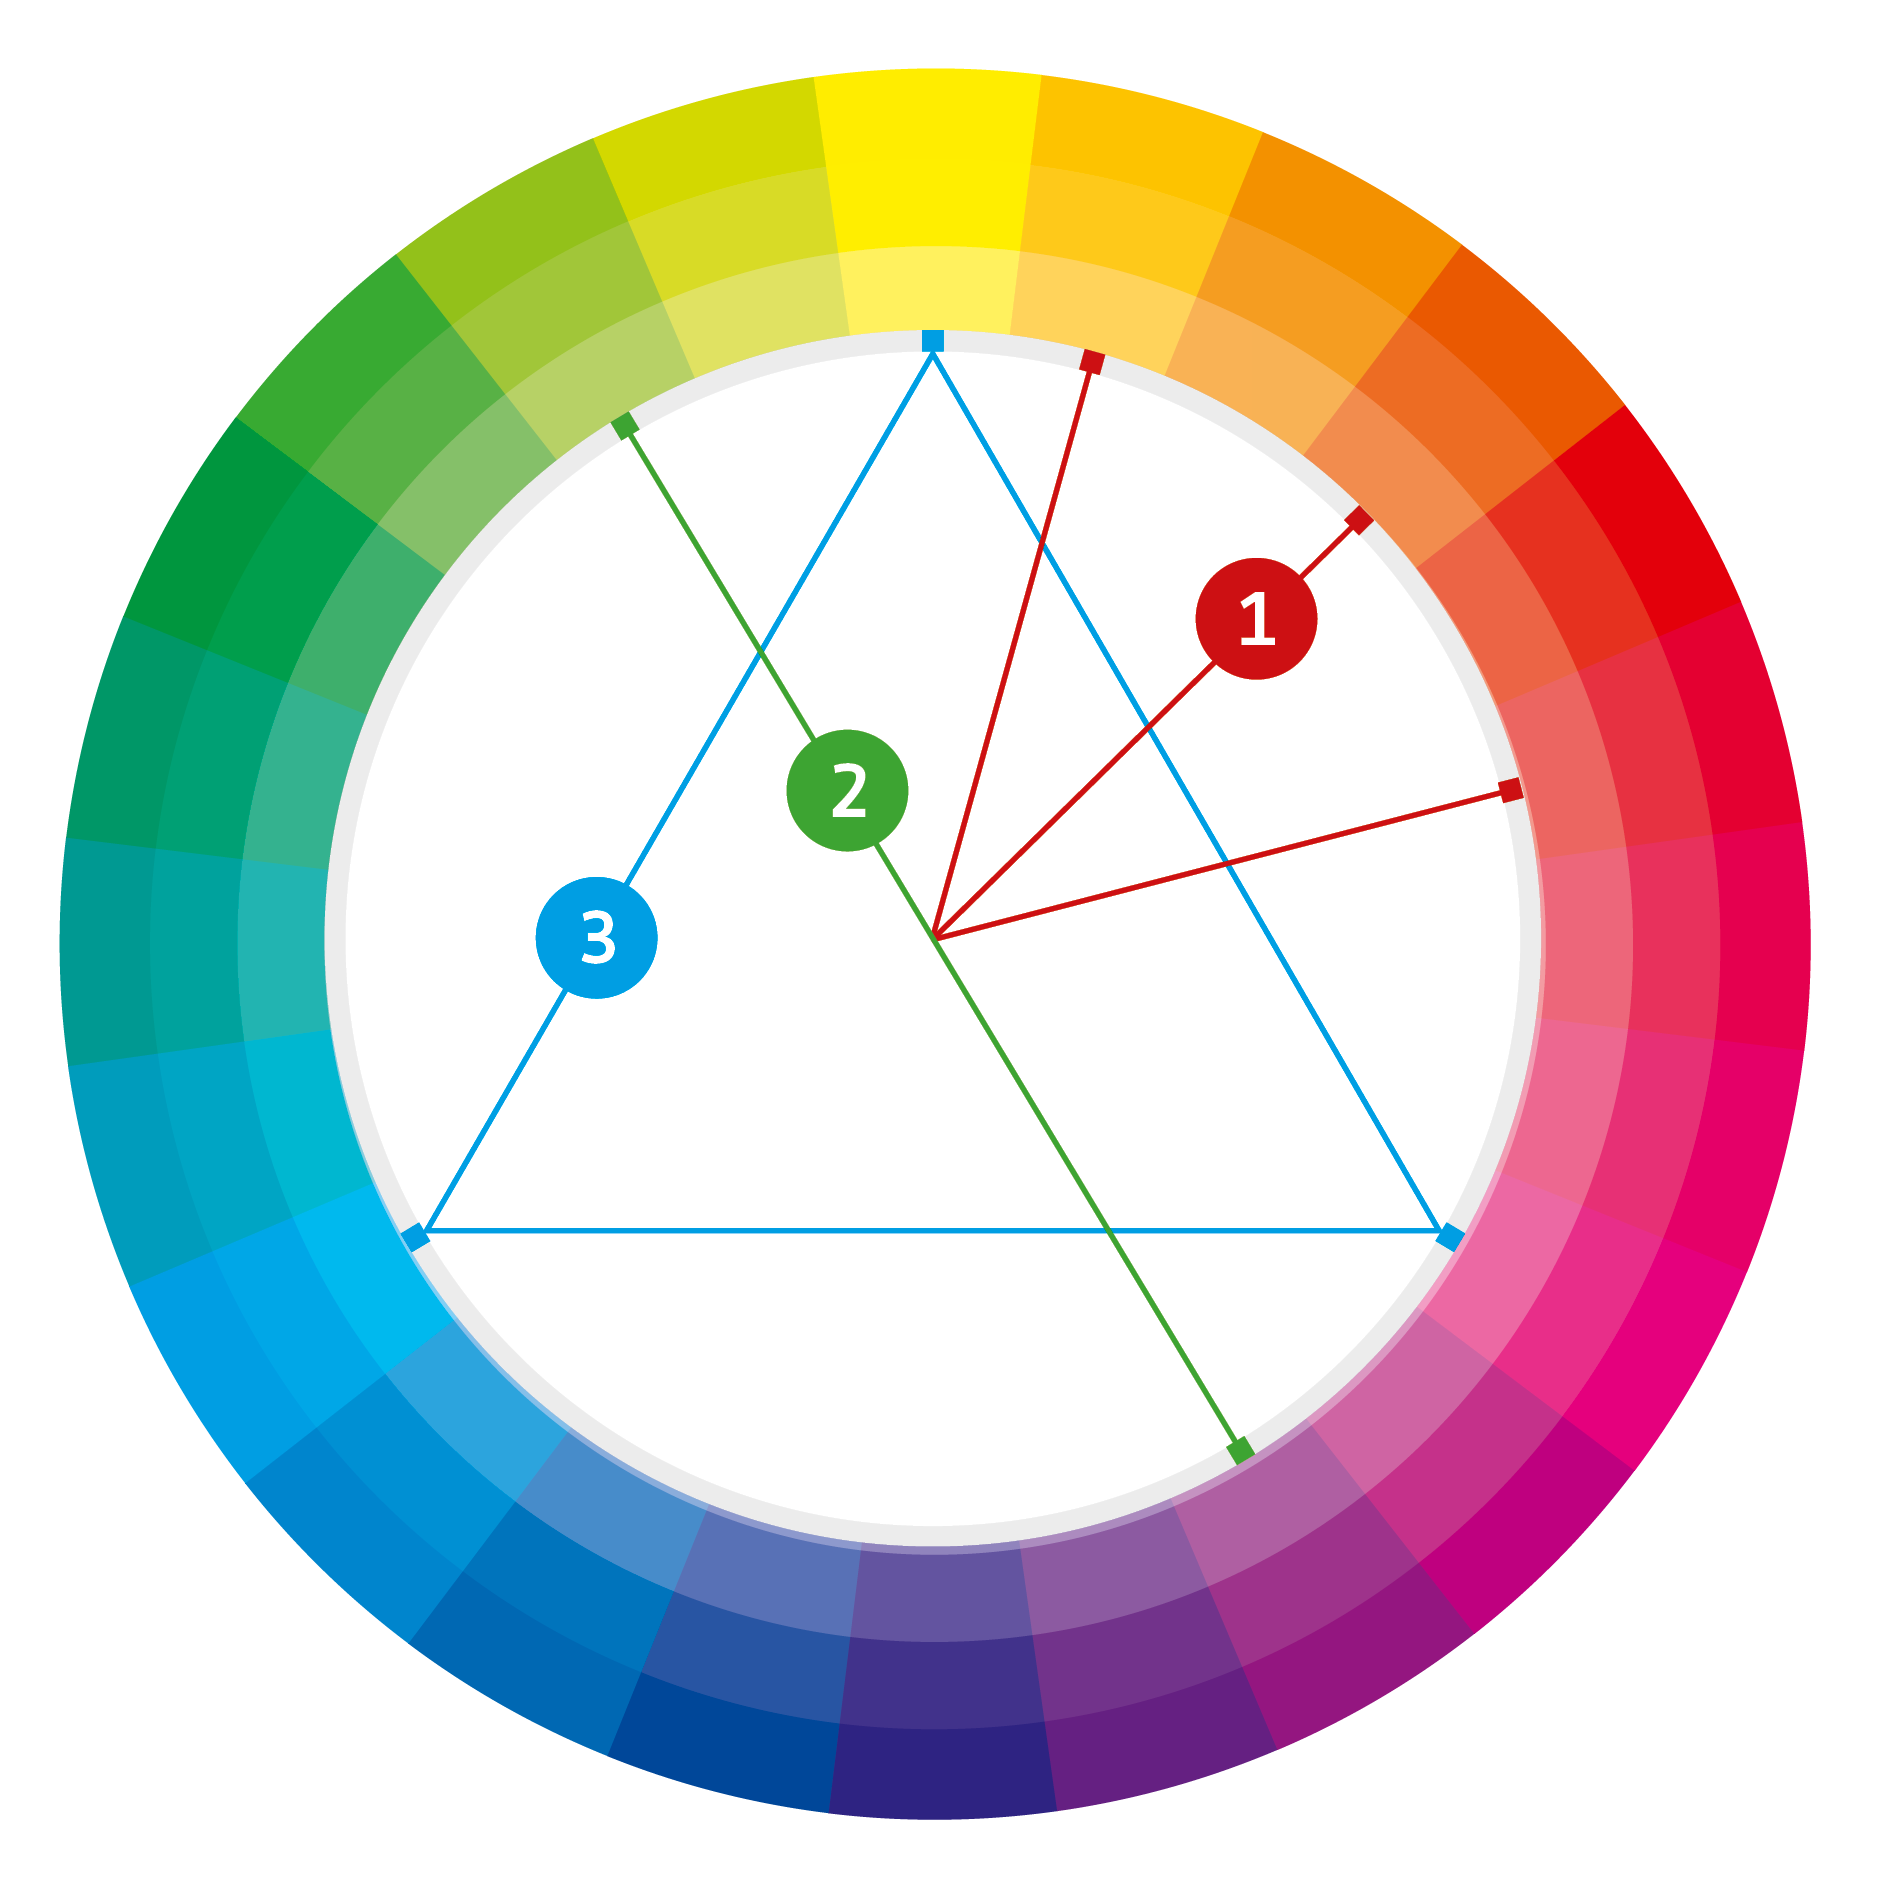 kleine farbenlehre teil 3 farben anhand des farbkreises bestimmen gemeindebriefhelfer. Black Bedroom Furniture Sets. Home Design Ideas